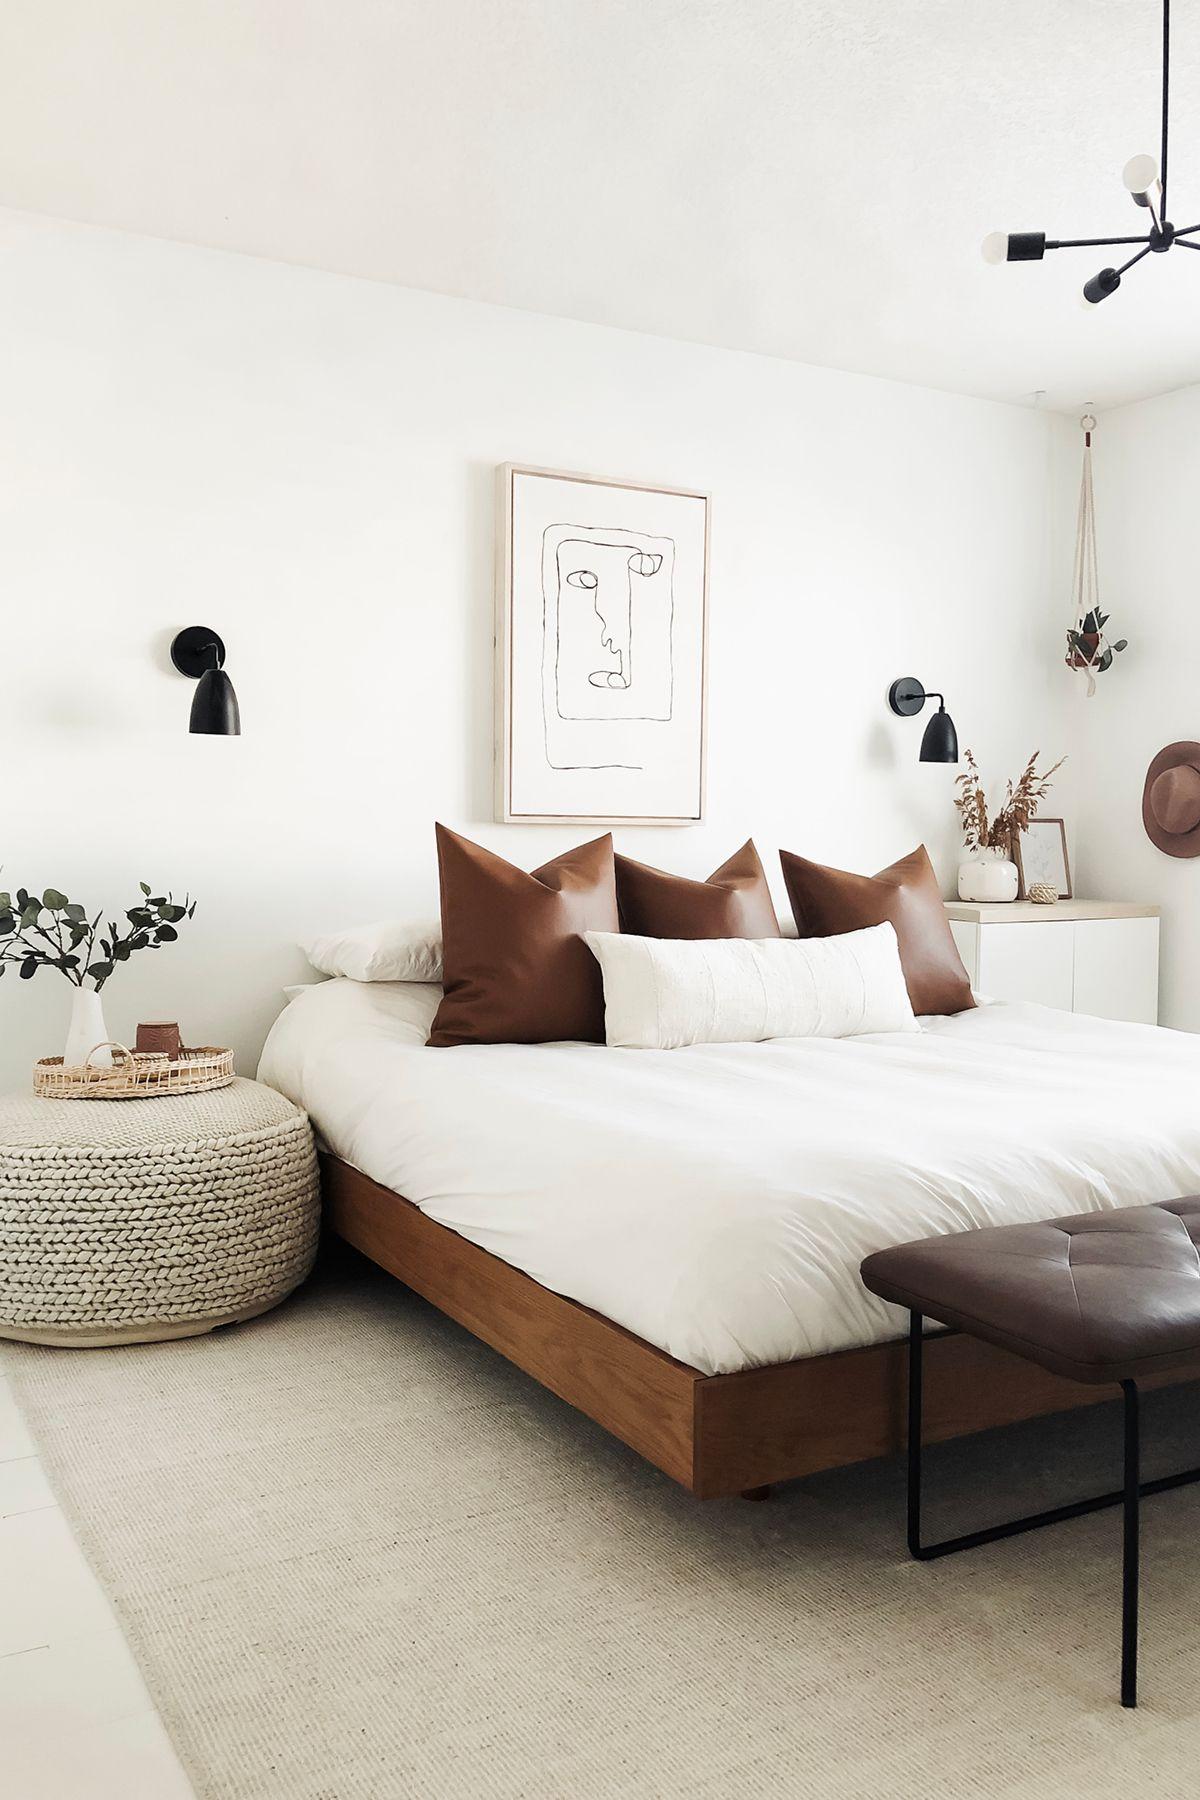 Basi Walnut Queen Bed Frame In 2020 Bedroom Interior Bedroom